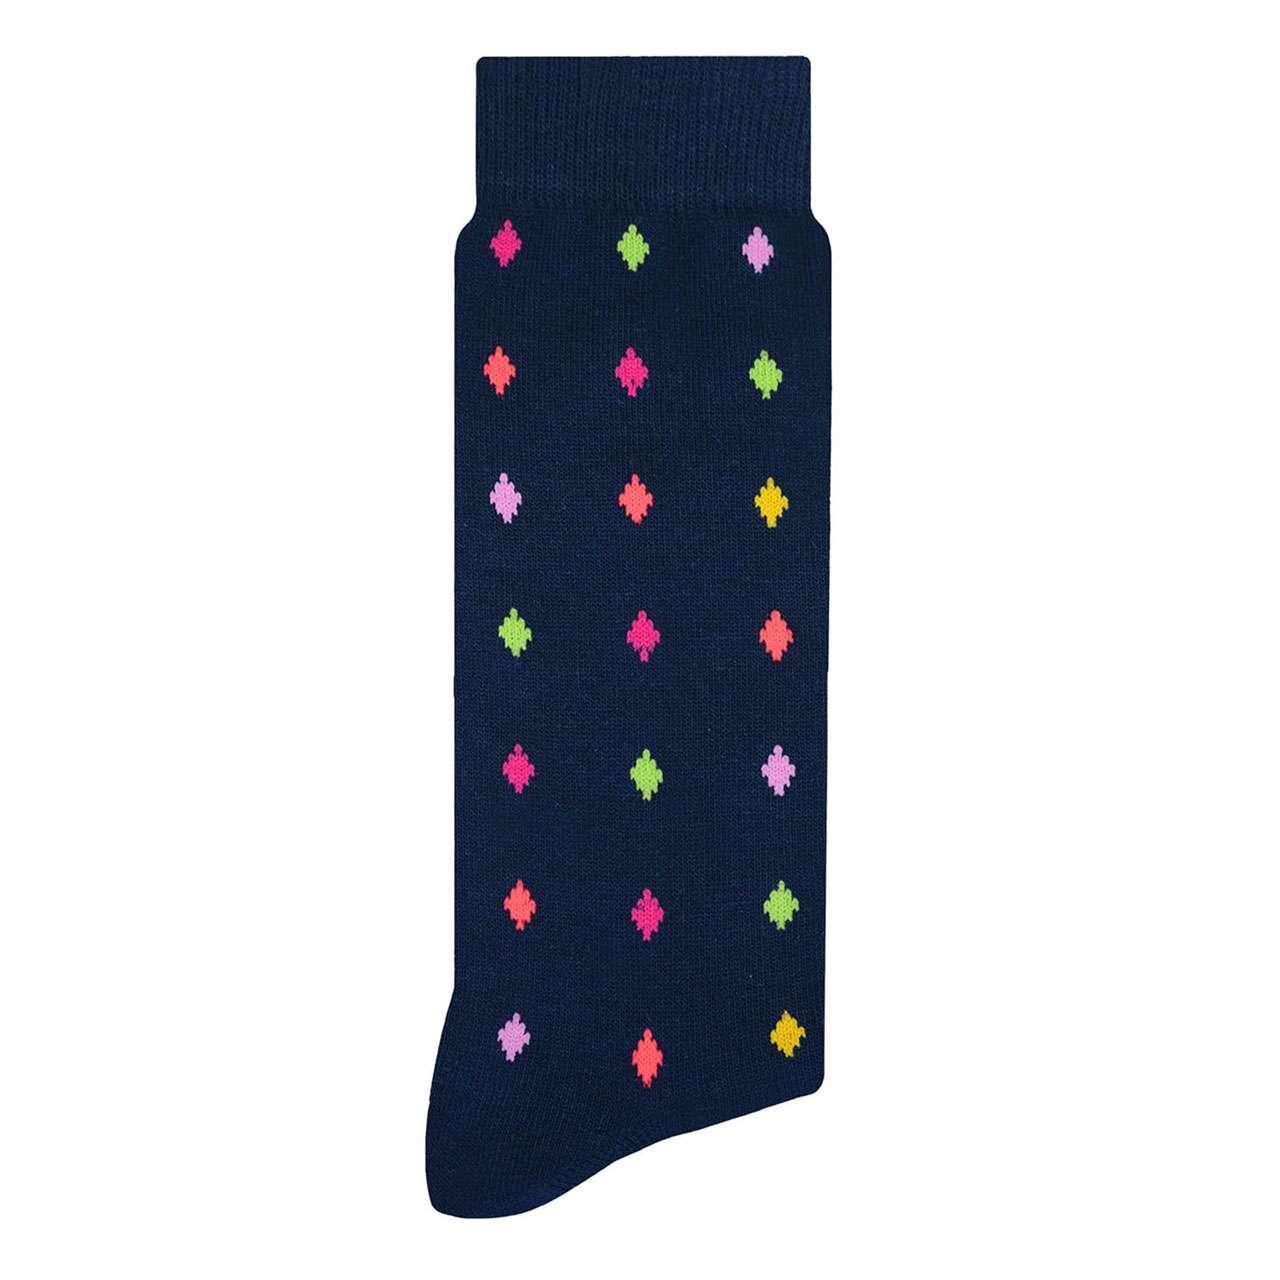 calcetin-de-rombos-azul-marino-skunk-socks